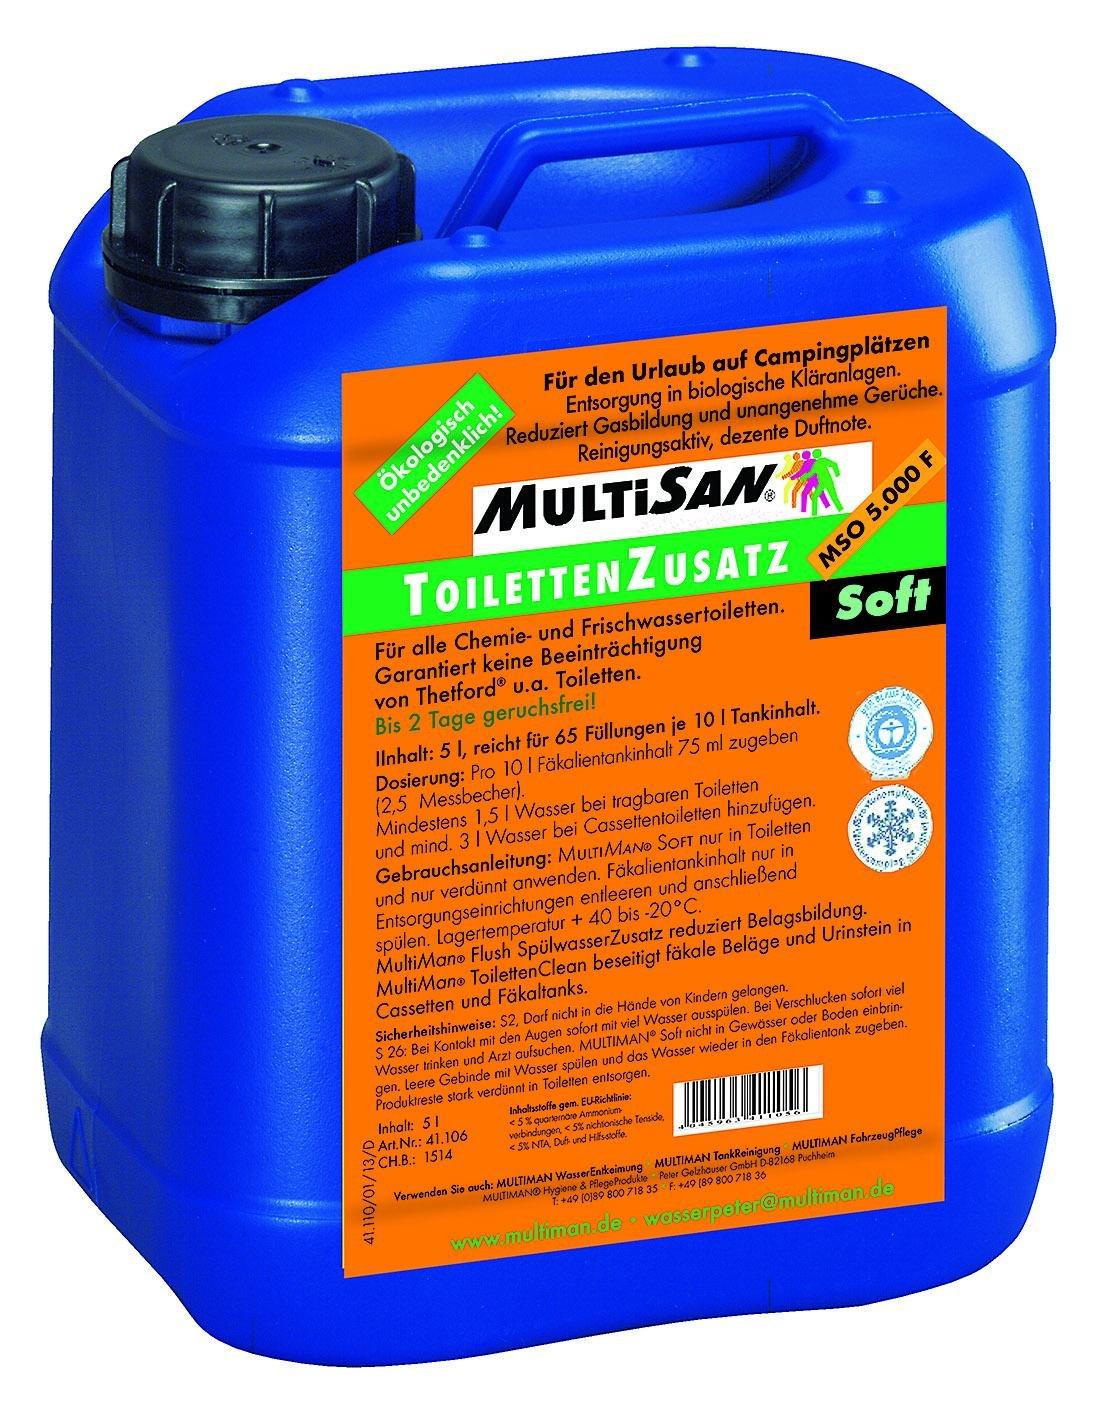 MultiSan ToilettenZusatz 'SOFT' (auf Campingplätzen mit biol. Kläranlage)